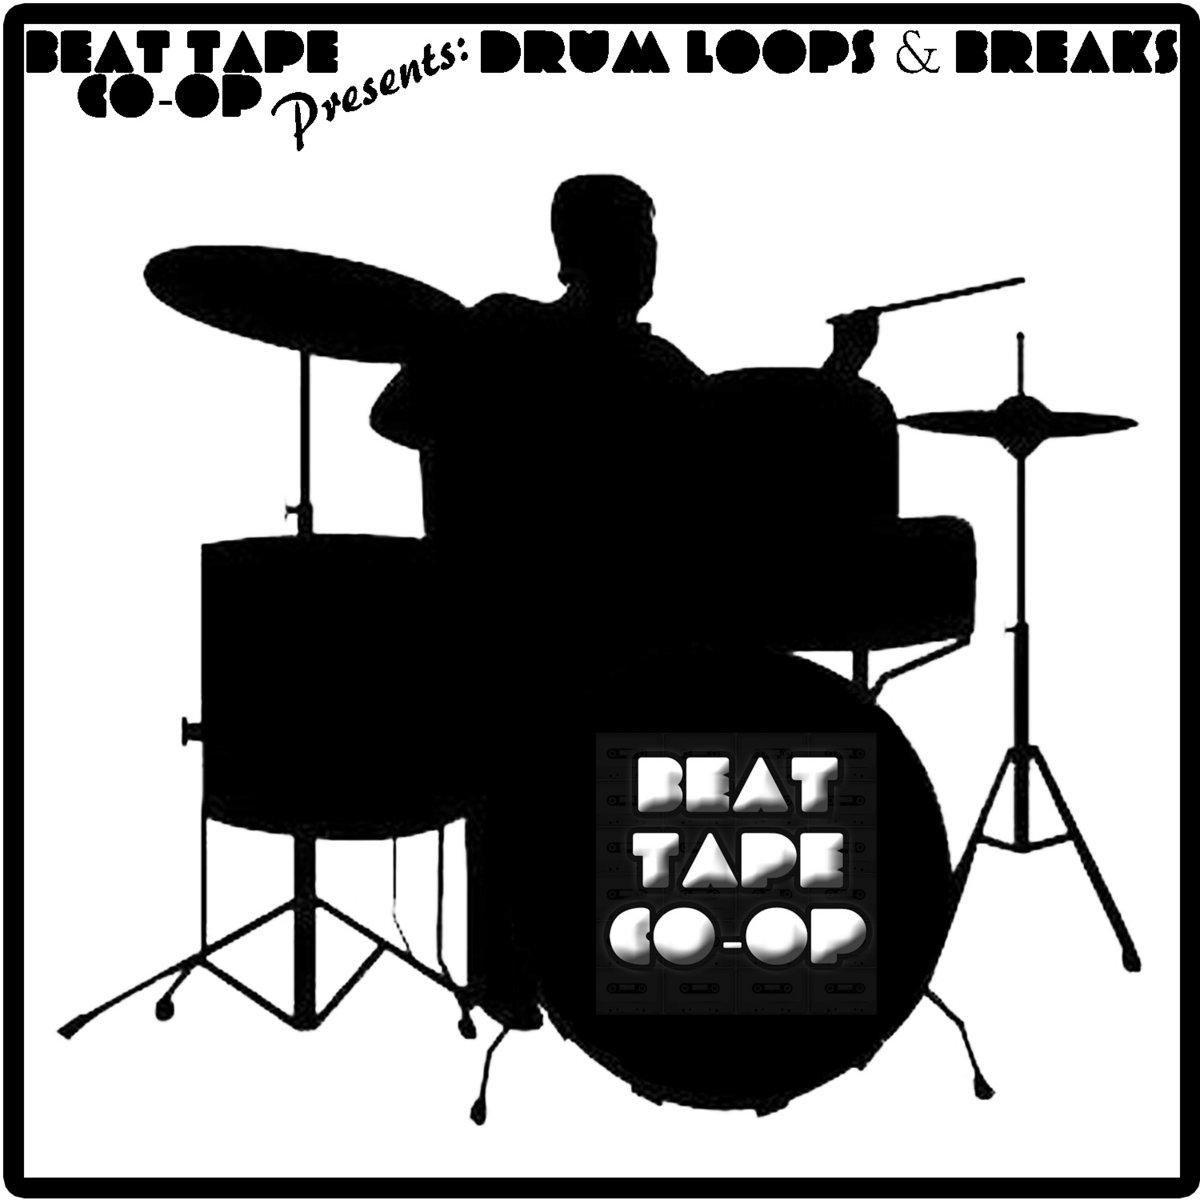 Beat Tape Co-Op Presents: Drum Loops & Breaks | Beat Tape Co-Op